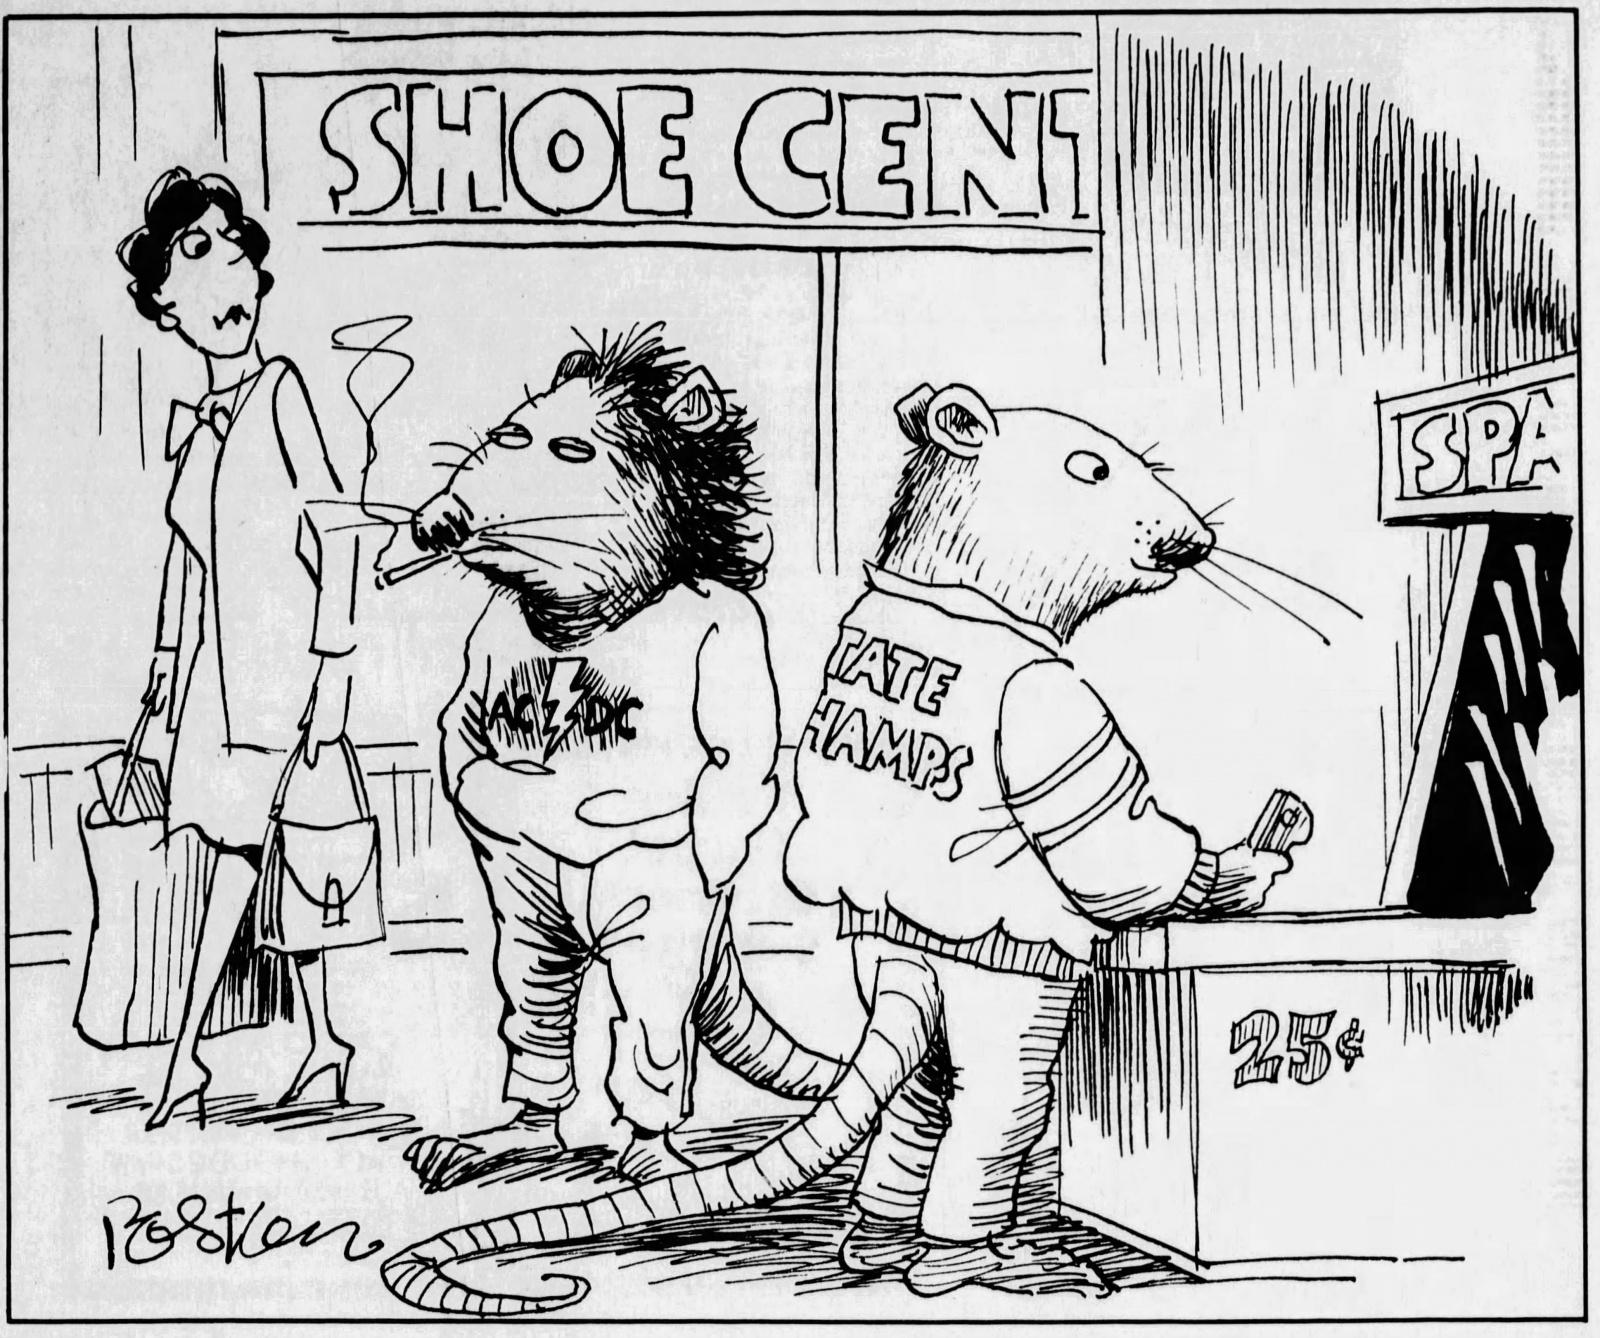 Магазинные крысы, видиоты и игроманы: пропаганда вреда видеоигр, шедшая в 80-х годах - 19